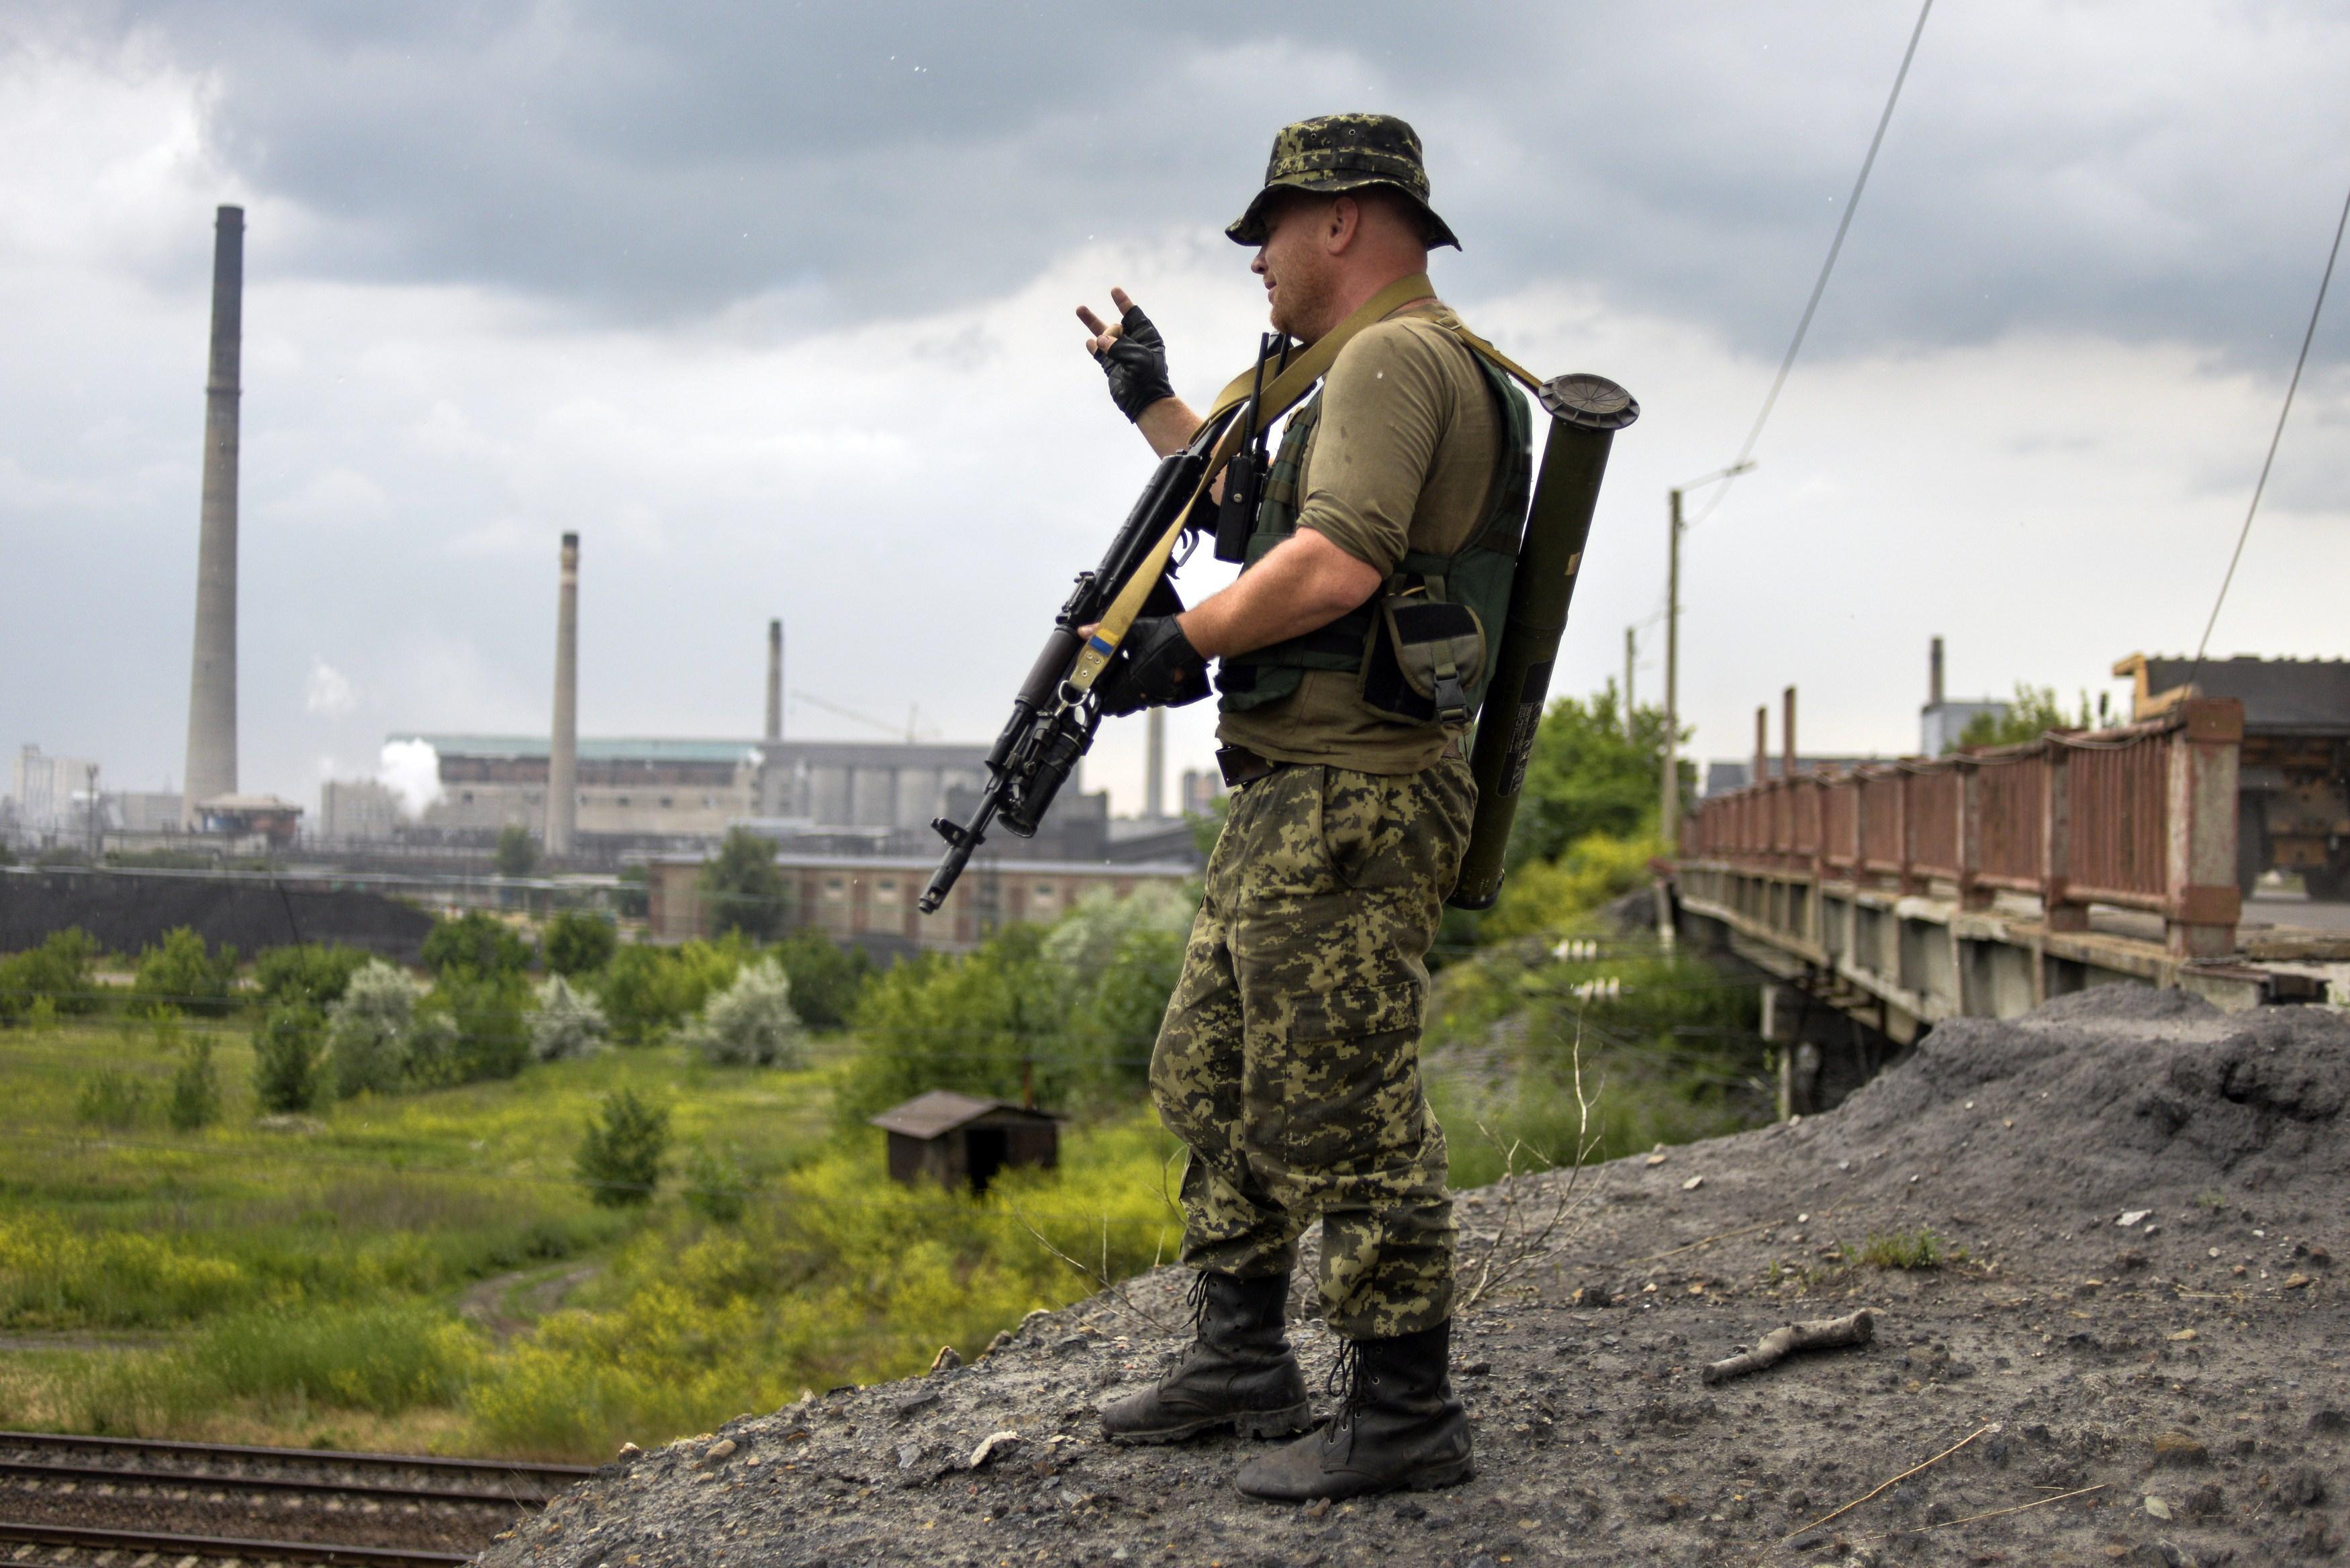 635786255078373624-MAR-Ukrainian-forces-2